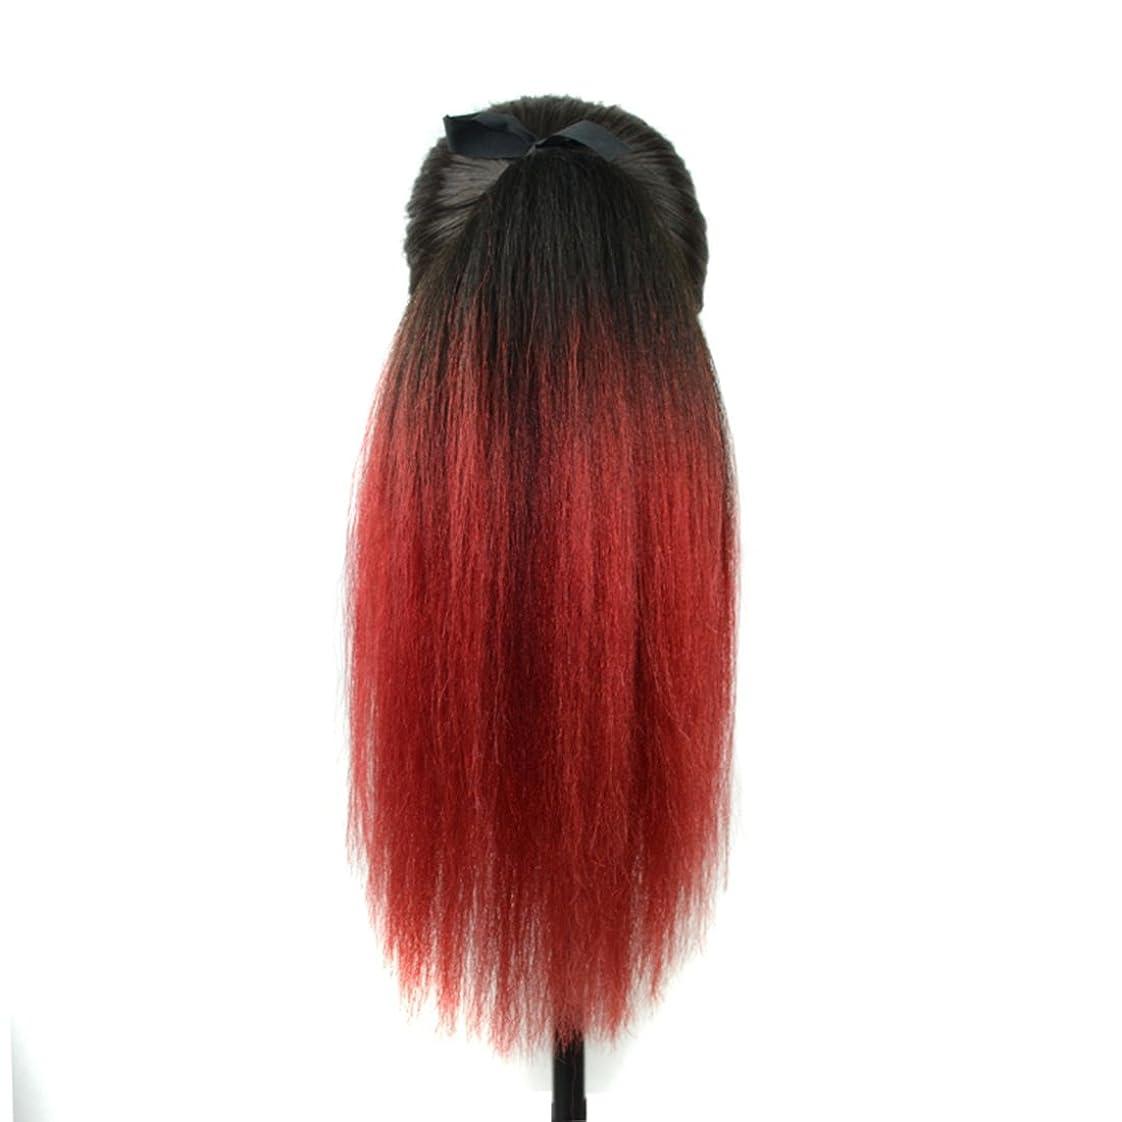 に賛成苦難資金Doyvanntgo 短い混合リアルヘアピースポニーテールナチュラルカラーブラックグラデーションレッドふわふわストレートヘアエクステンションウィッグ (Color : Black gradient big red)